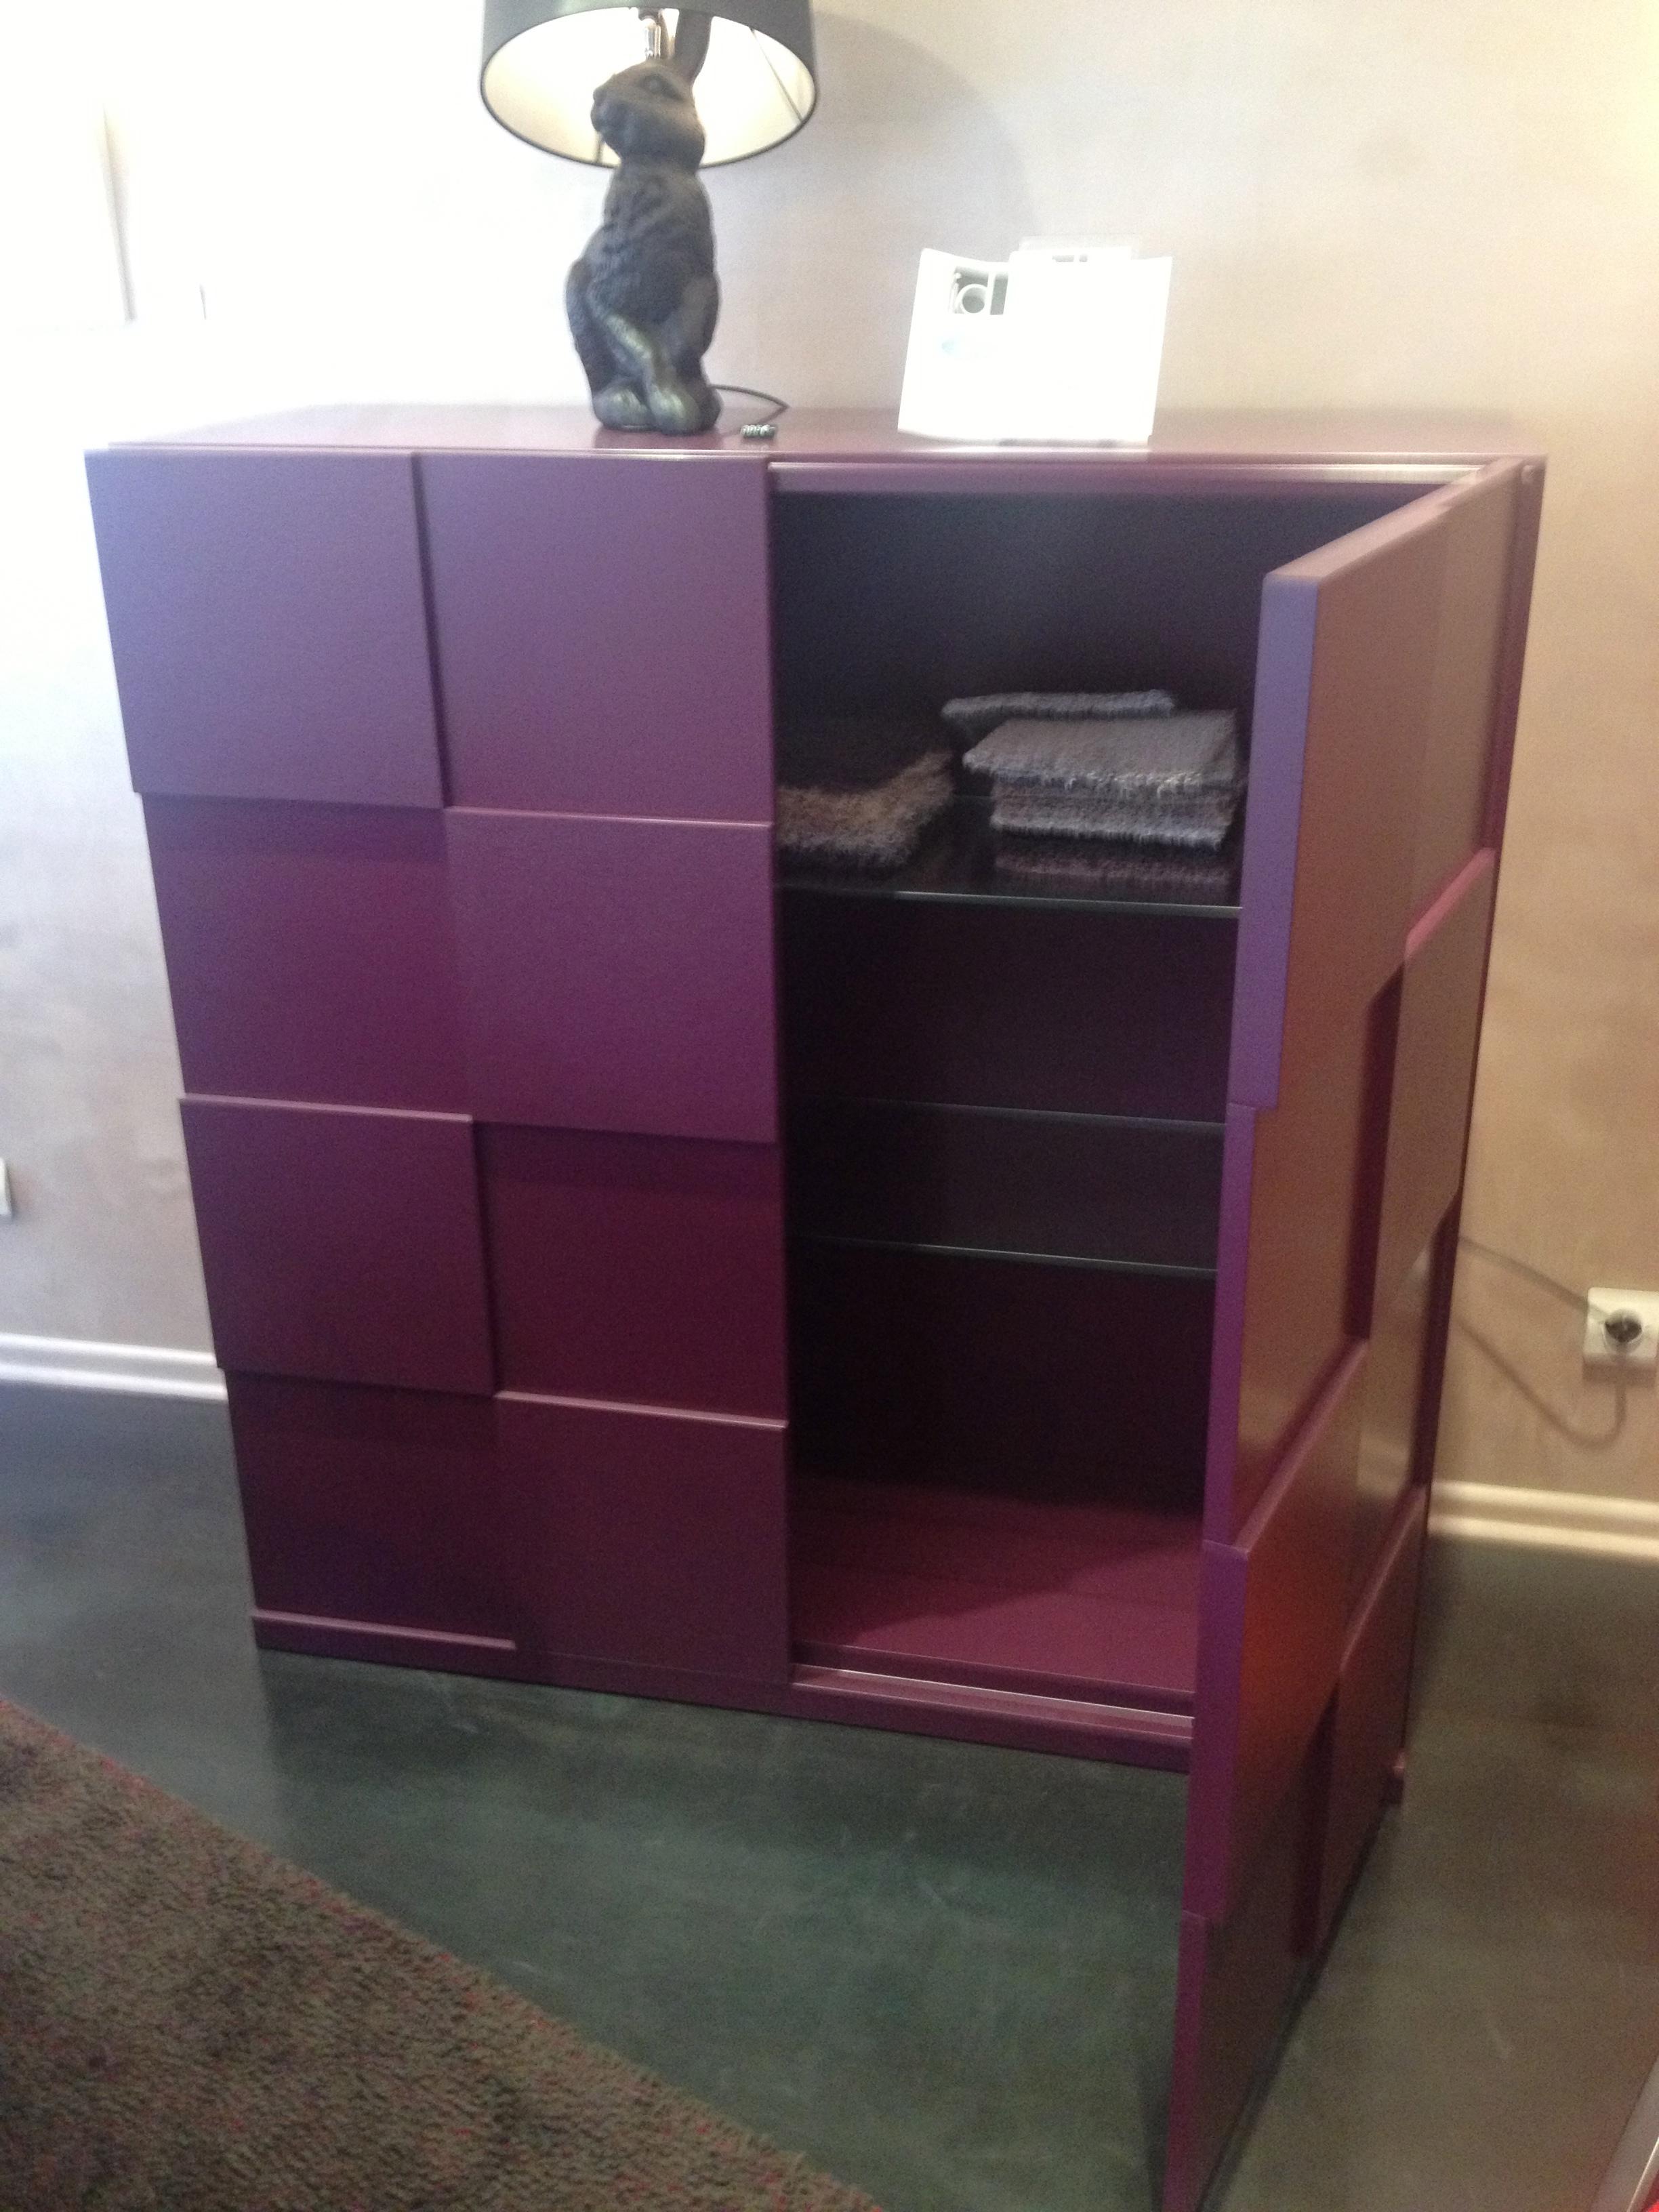 meubles offenburg roller magasin de meuble offenburg allemagne numro de tlphone yelp m bel. Black Bedroom Furniture Sets. Home Design Ideas